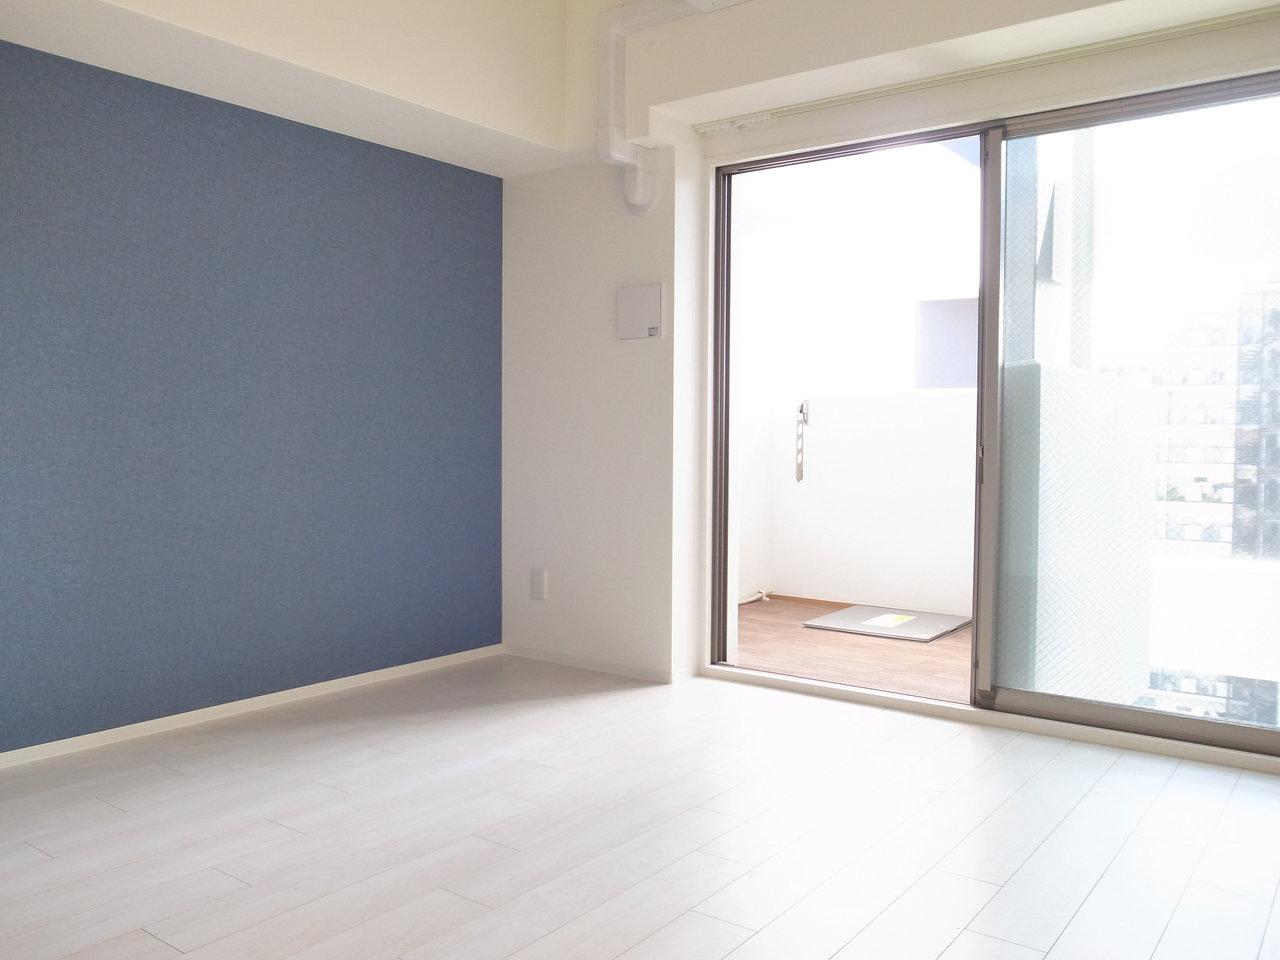 ブルーのクロスが爽やかな、1Kタイプのお部屋。洋室は7畳ですが、部屋に入るたっぷりの光と部屋の色合いの調和があり、思ったよりも広めに感じられます。